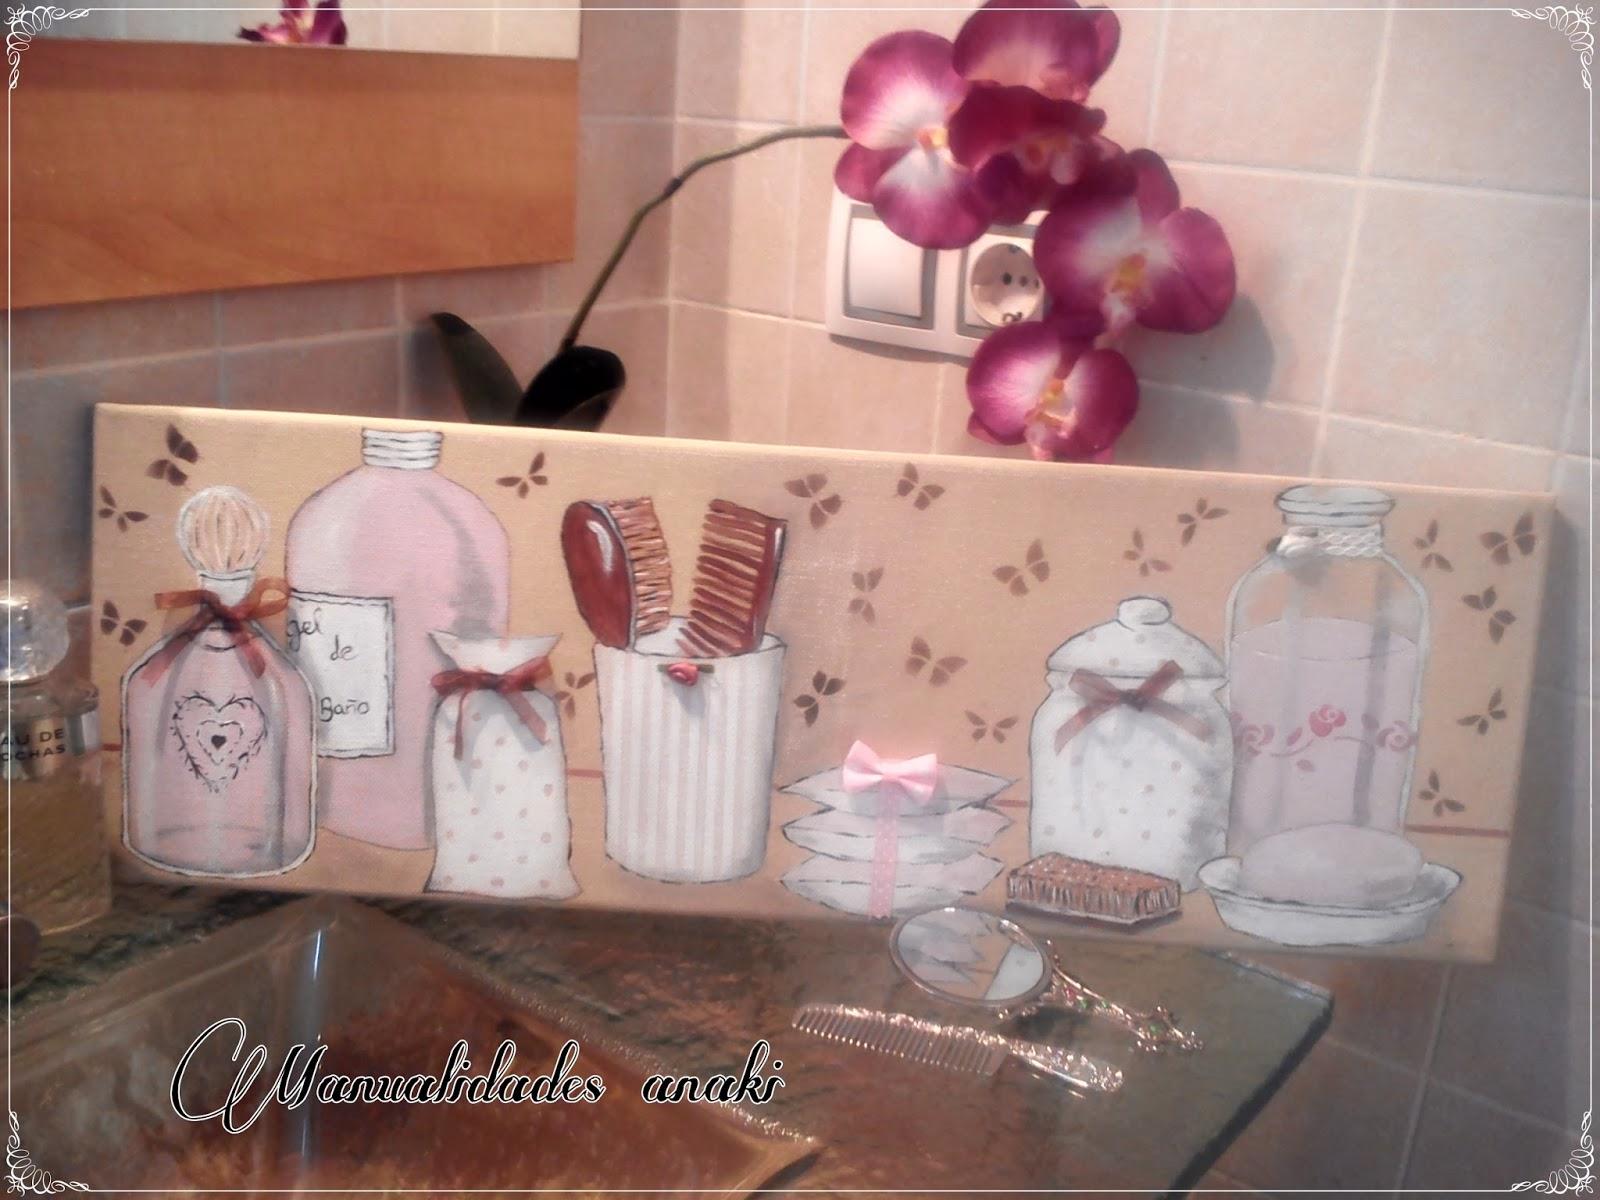 Manualidades anaki cuadro ba o en rosa - Cuadros para el bano modernos ...